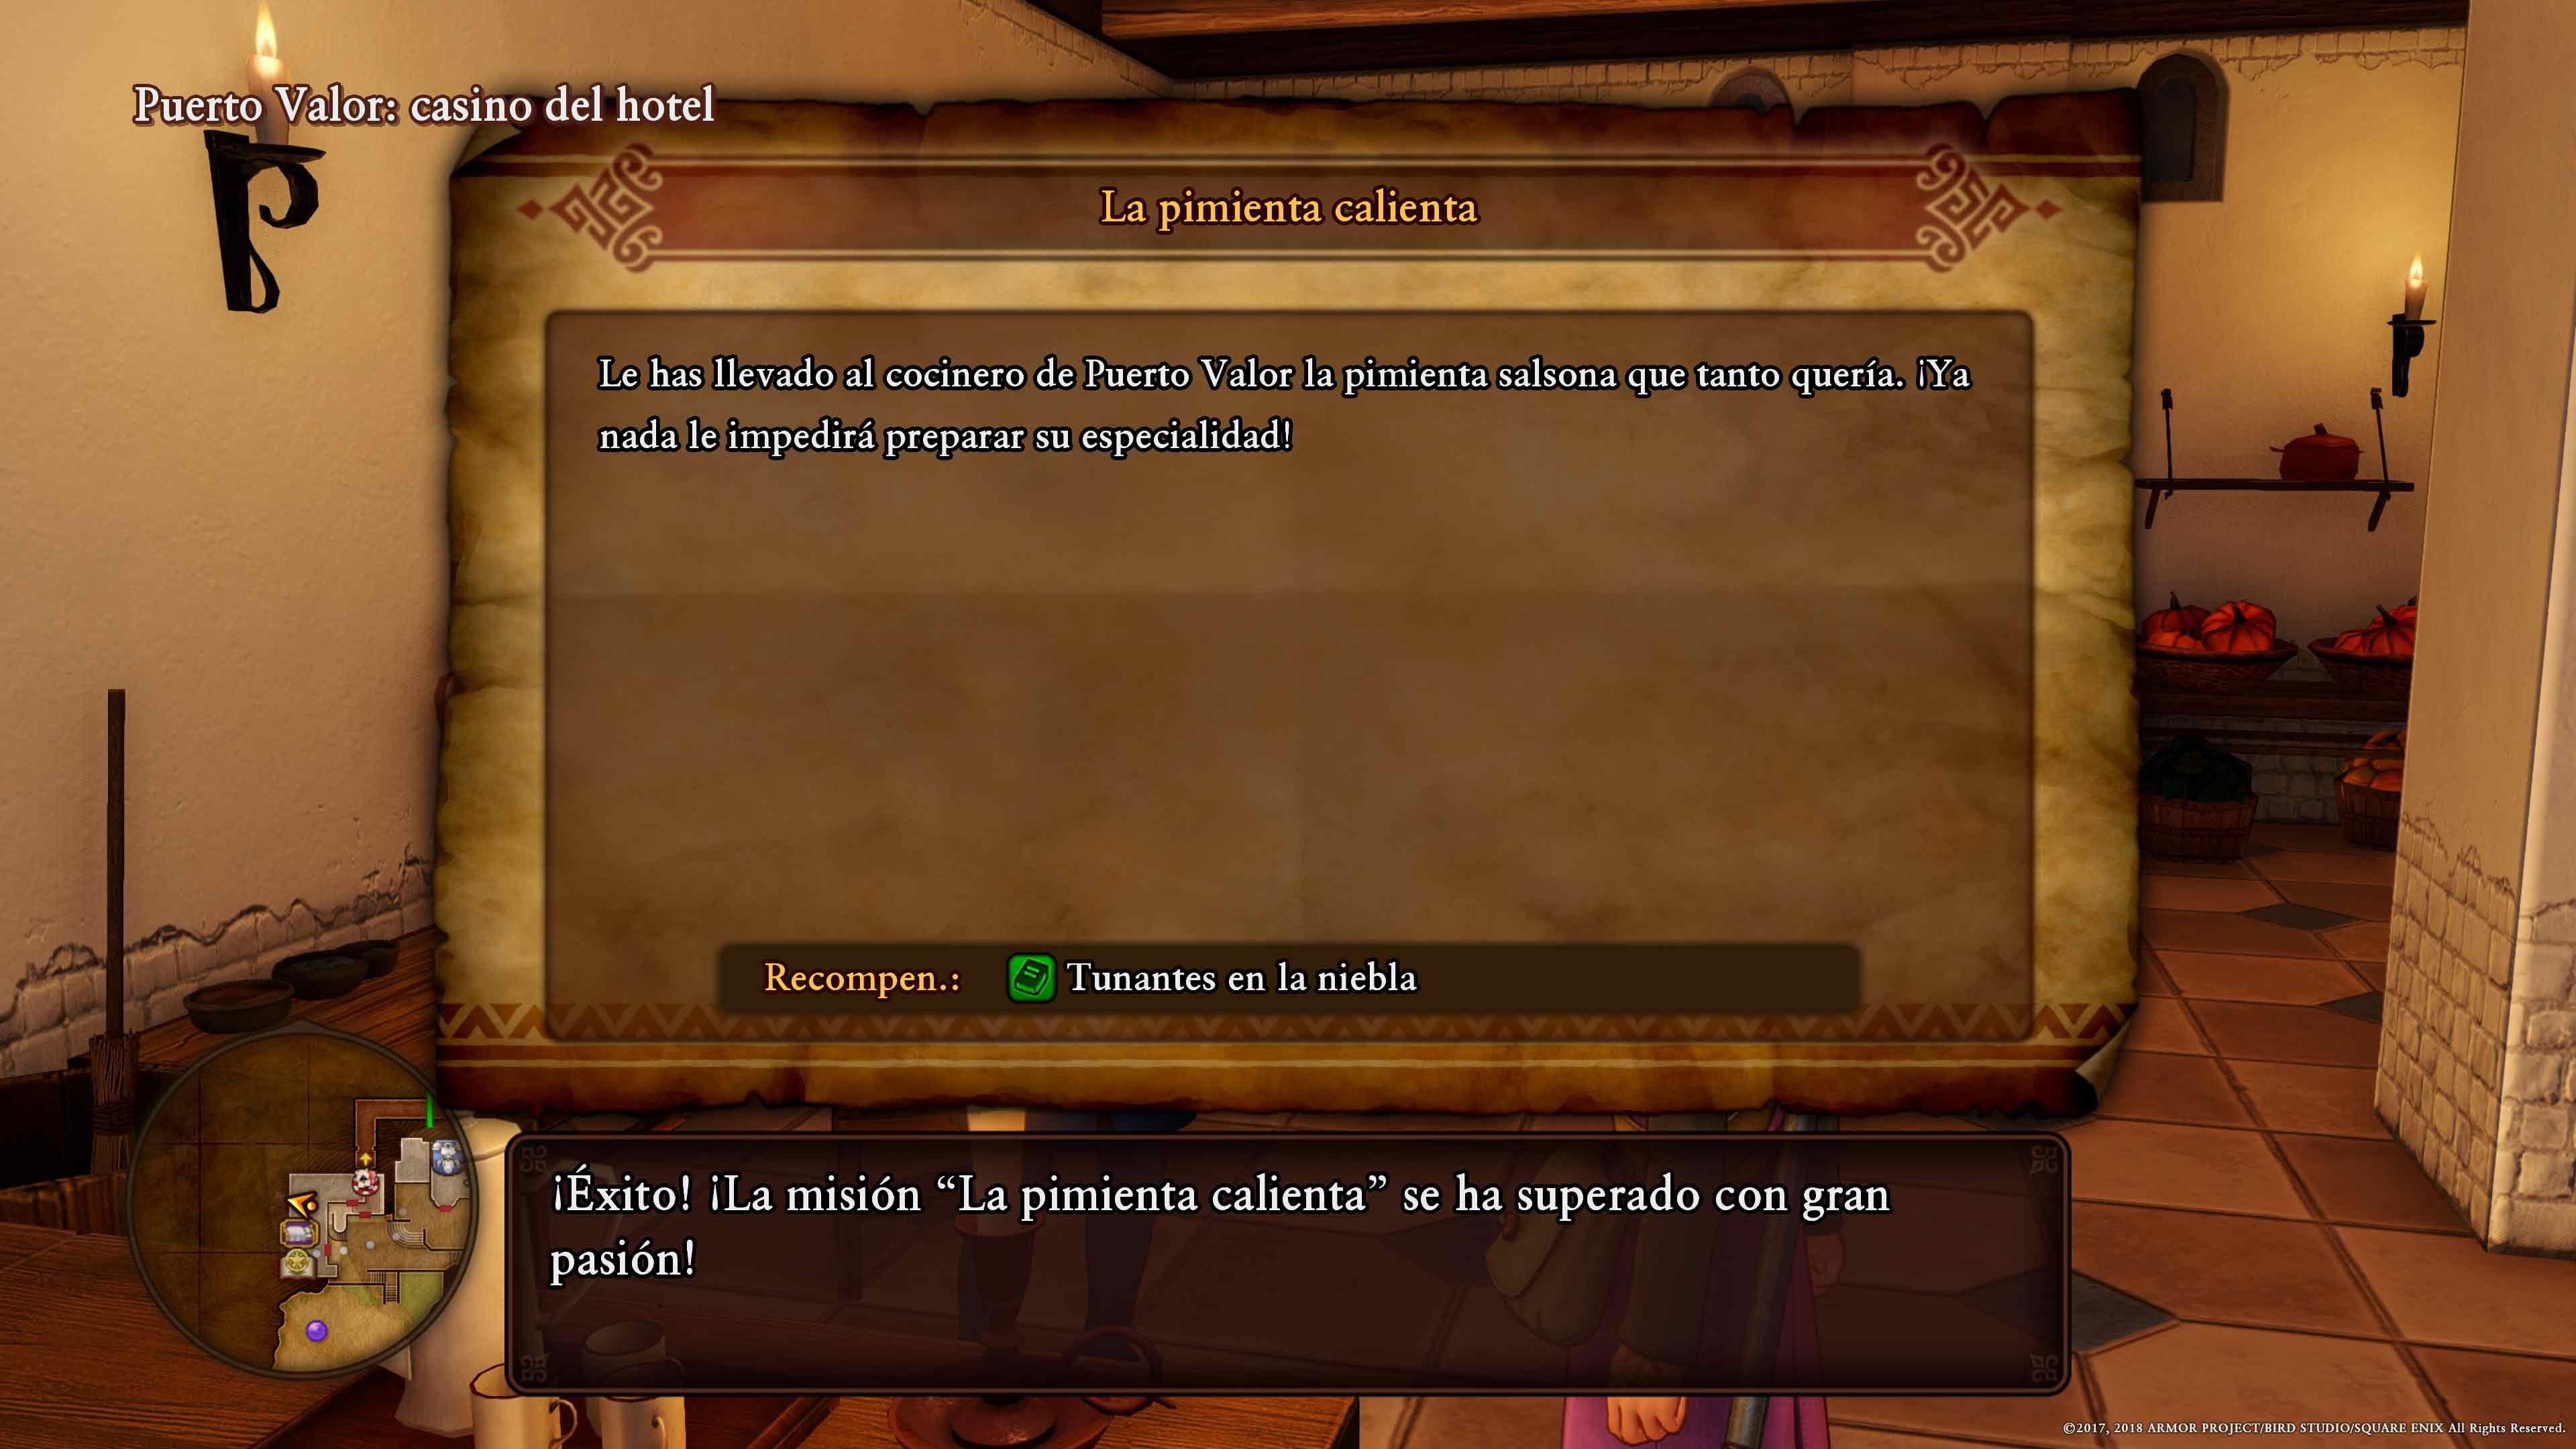 Todos los juegos de la xbox clasica giros Gratis casino Puebla - 97986